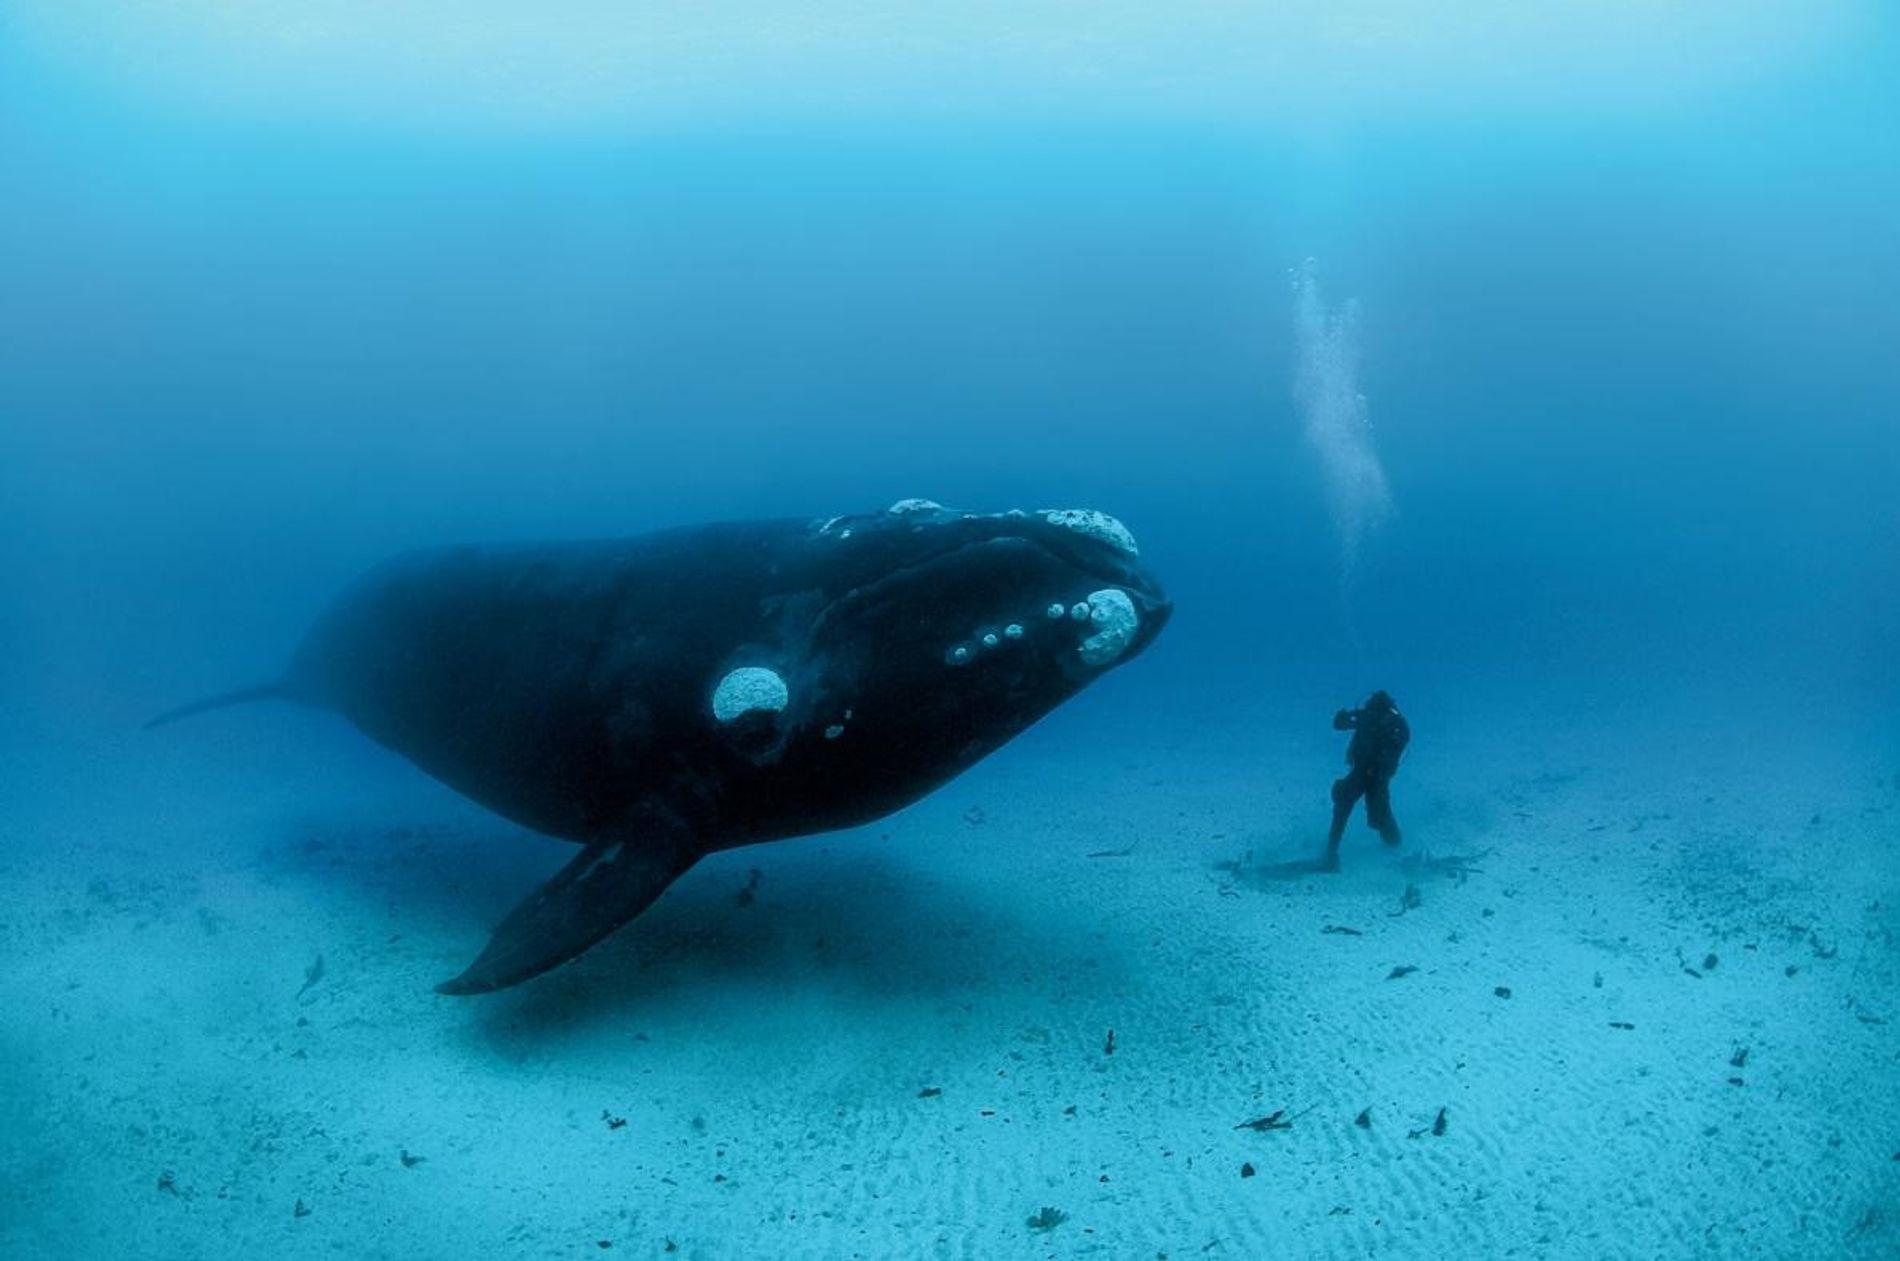 Dans les îles Auckland néo-zélandaises, Brian Skerry a immortalisé la rencontre intime entre  son assistant ...